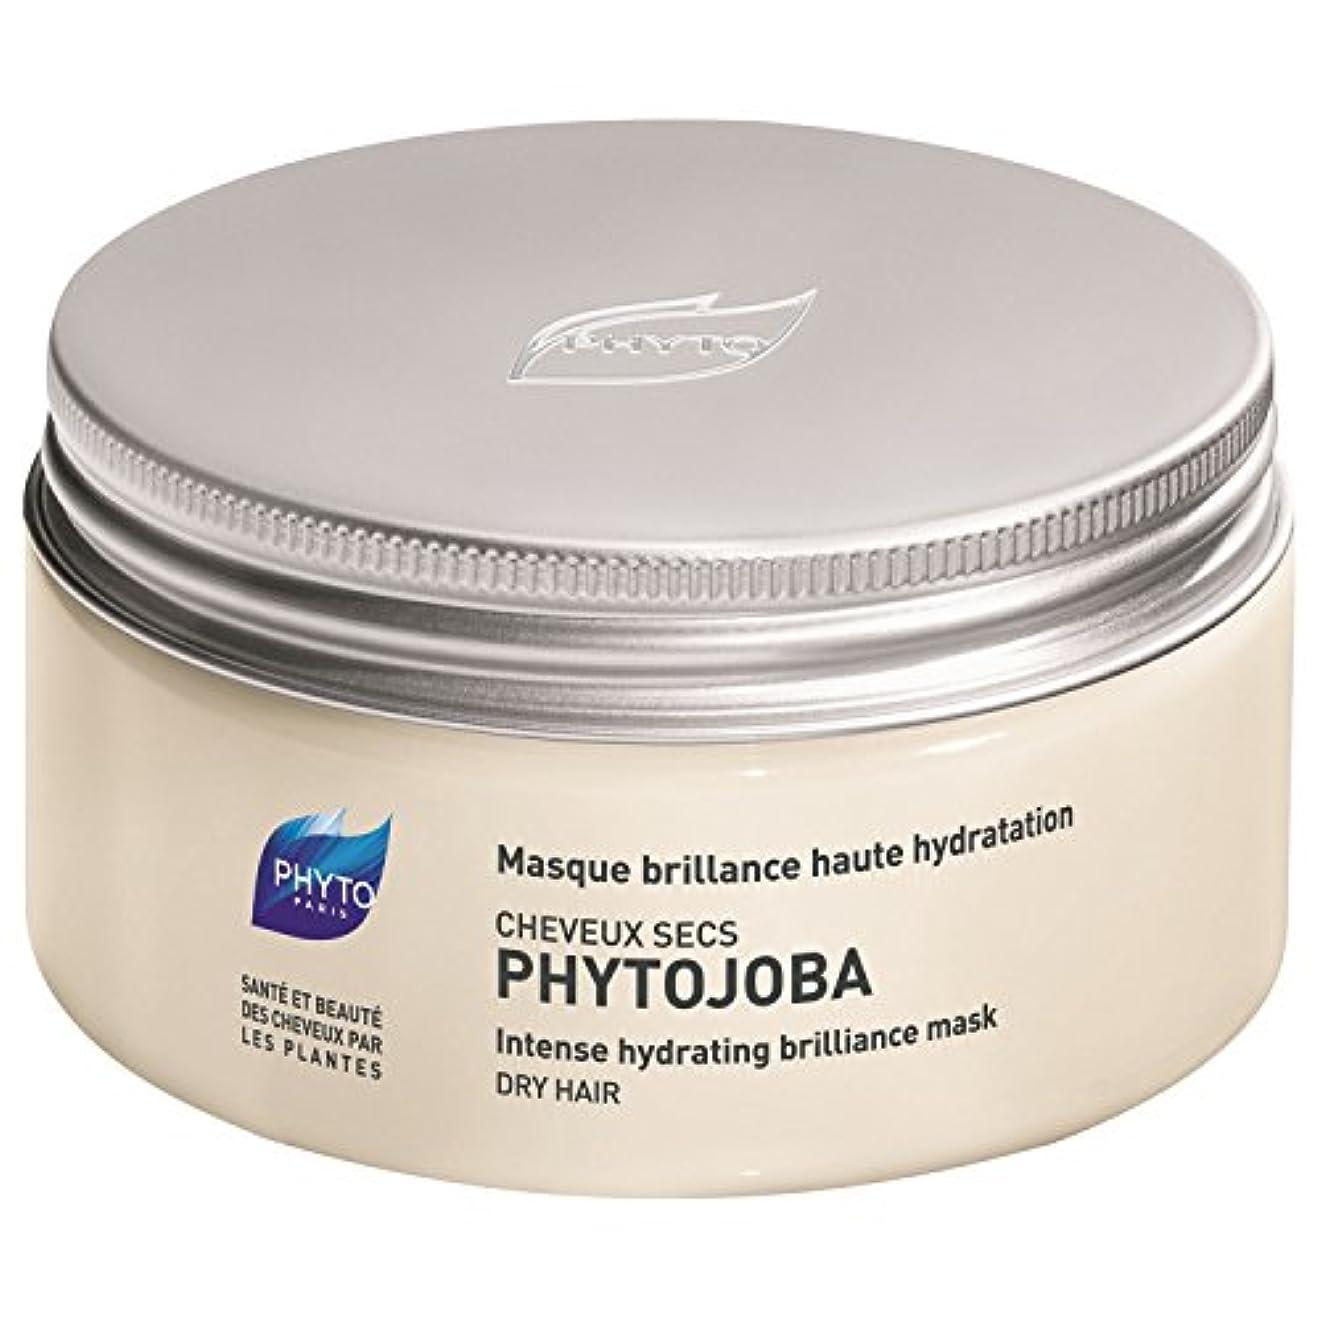 性交終わった上級フィトPhytojoba強烈な水分補給マスク200ミリリットル (Phyto) (x2) - Phyto Phytojoba Intense Hydrating Mask 200ml (Pack of 2) [並行輸入品]